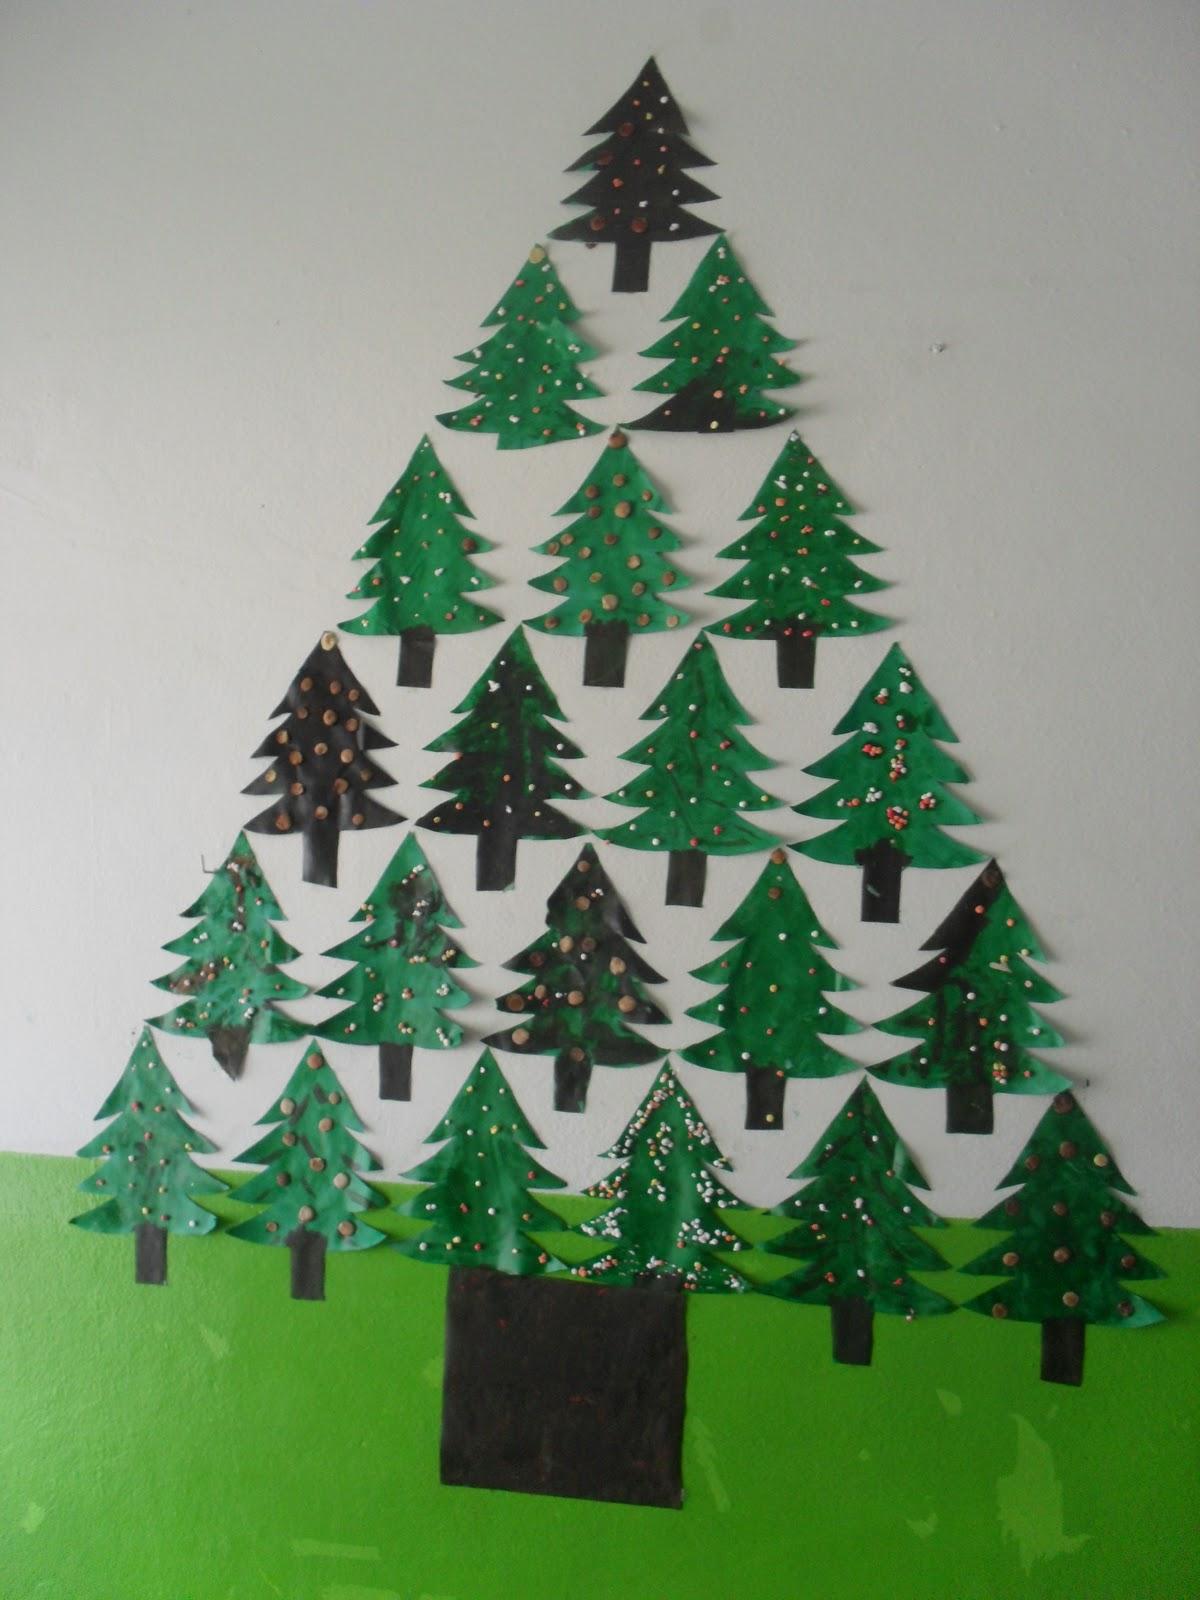 decoracao arvore de natal reciclavel : decoracao arvore de natal reciclavel:Árvore de mini pinheiros, as bolinhas foram feitas com sementes.